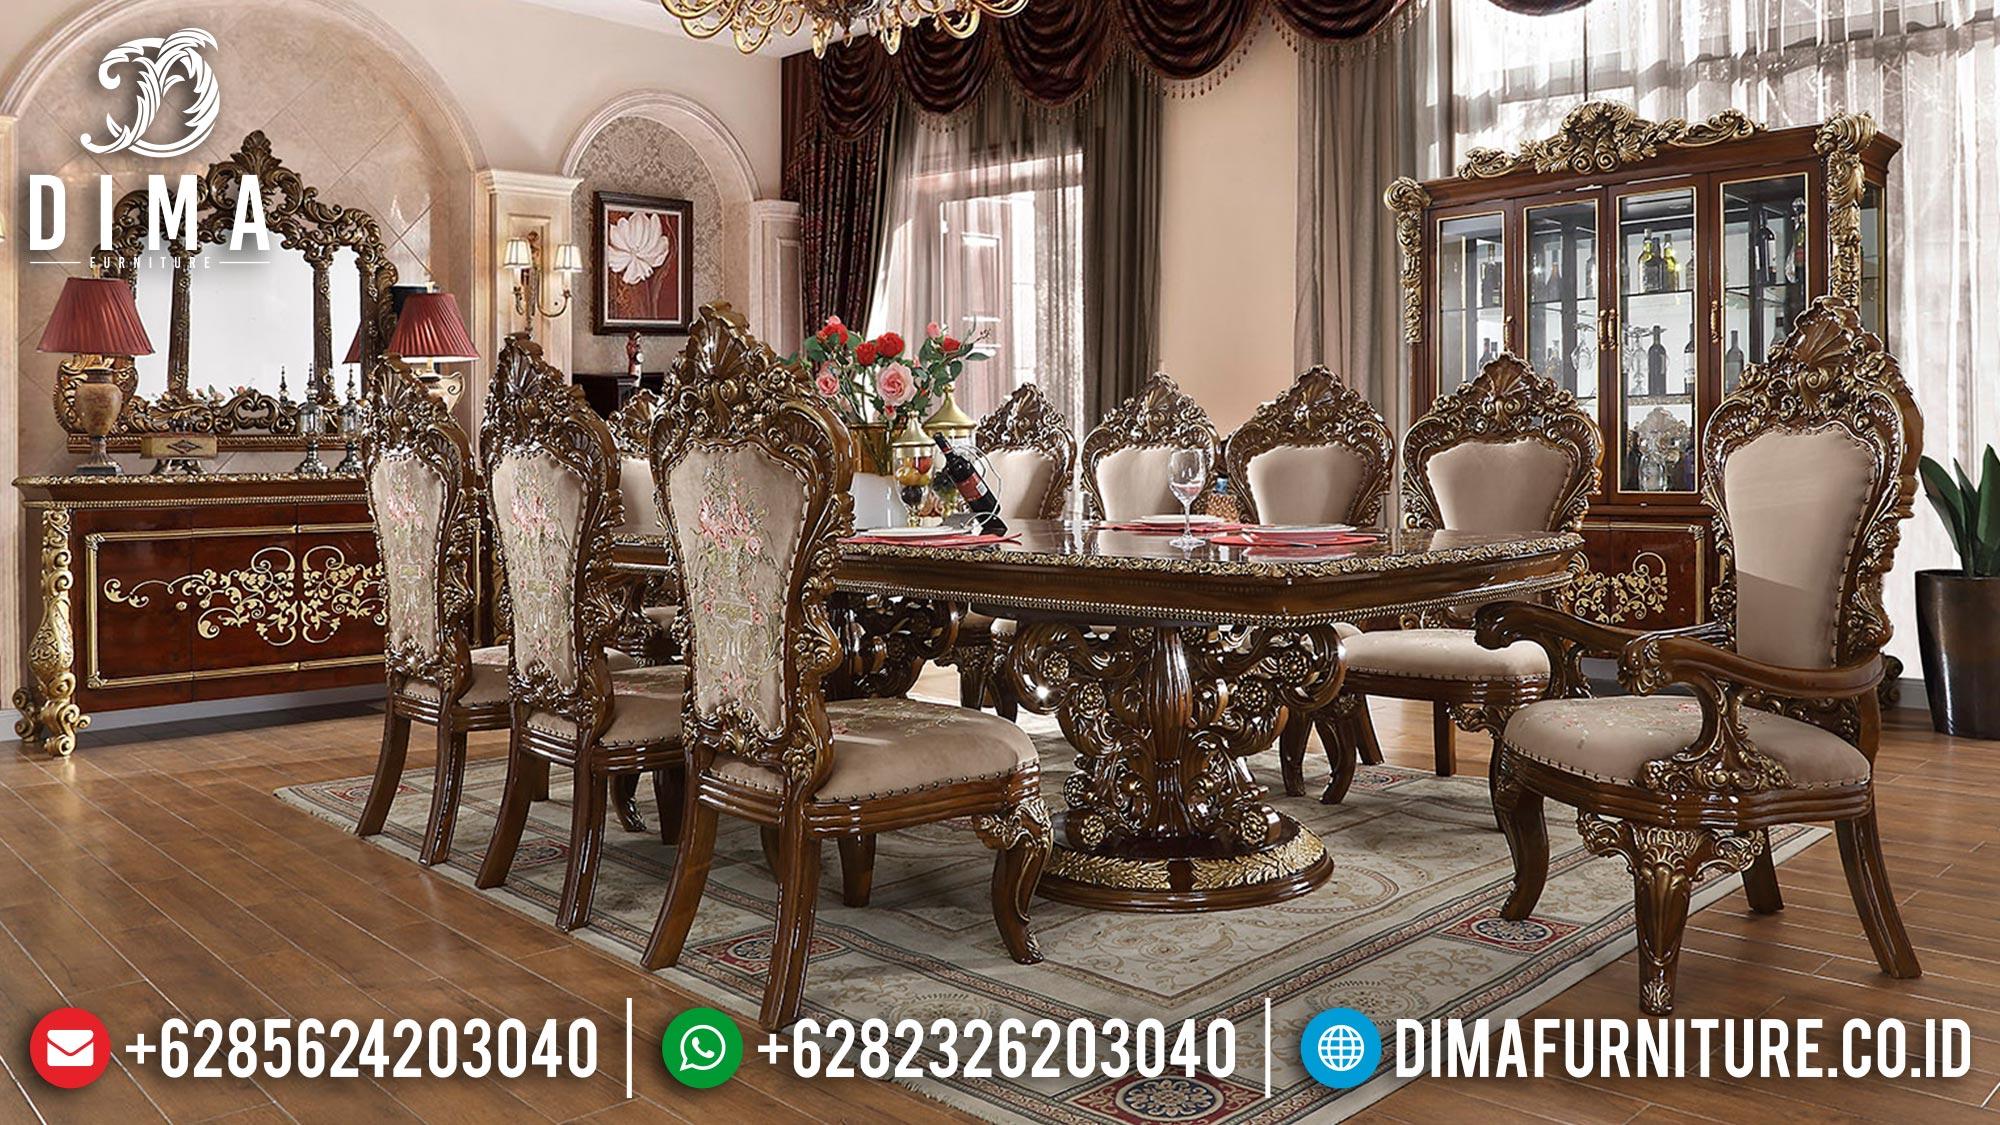 Meja Makan Ukiran Jepara, New Meja Makan Mewah Luxury, Desain Kursi Meja Makan Ukir Classic TTJ-1378